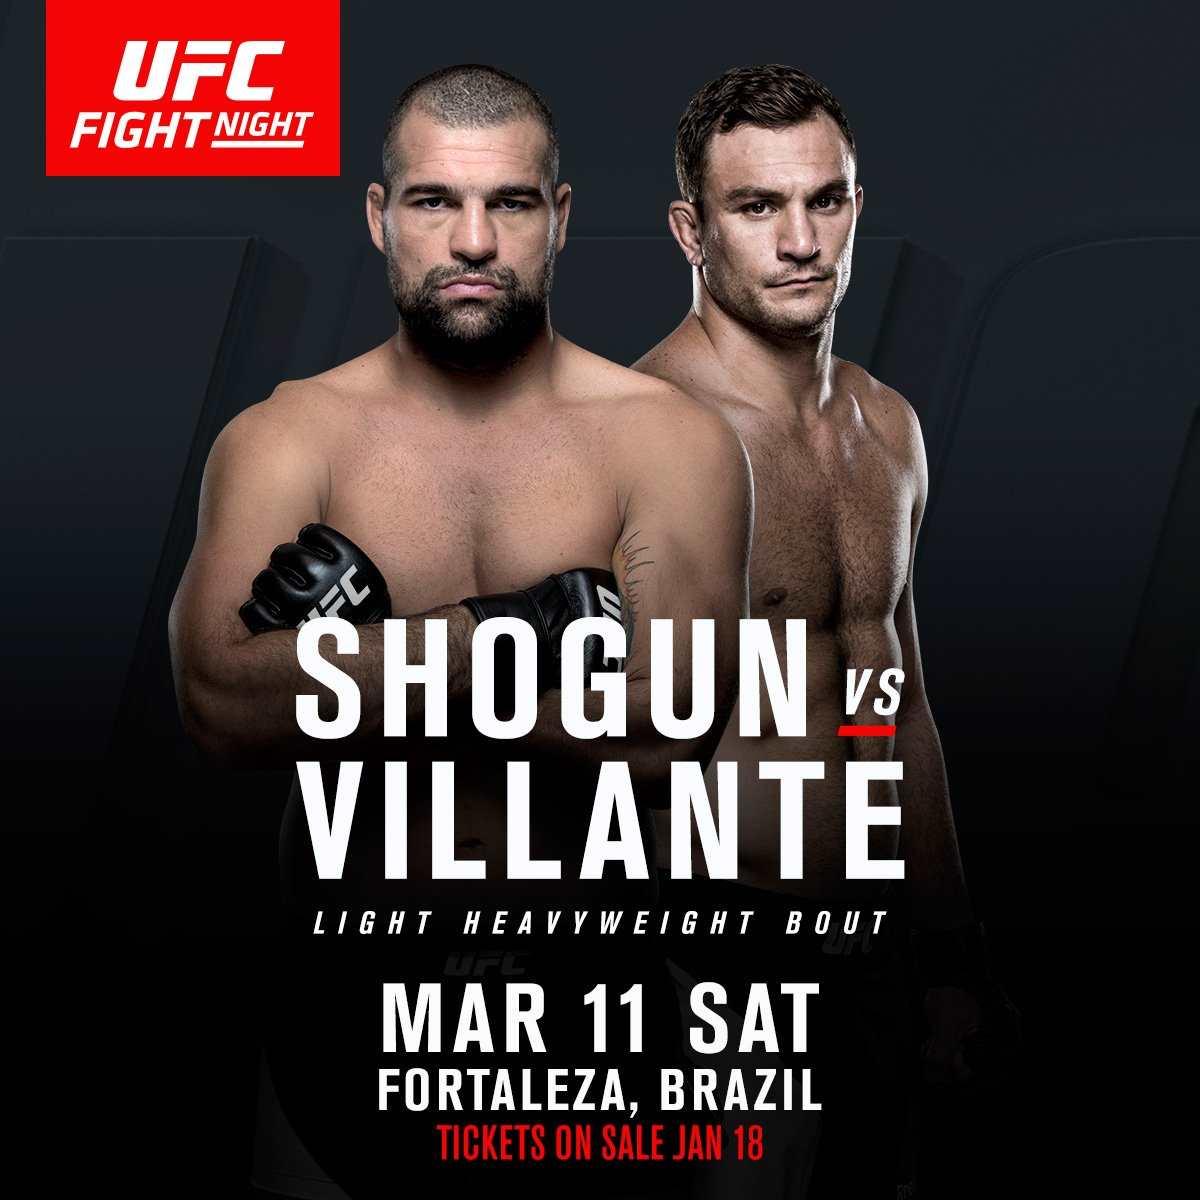 twitter.com/UFC_Europe